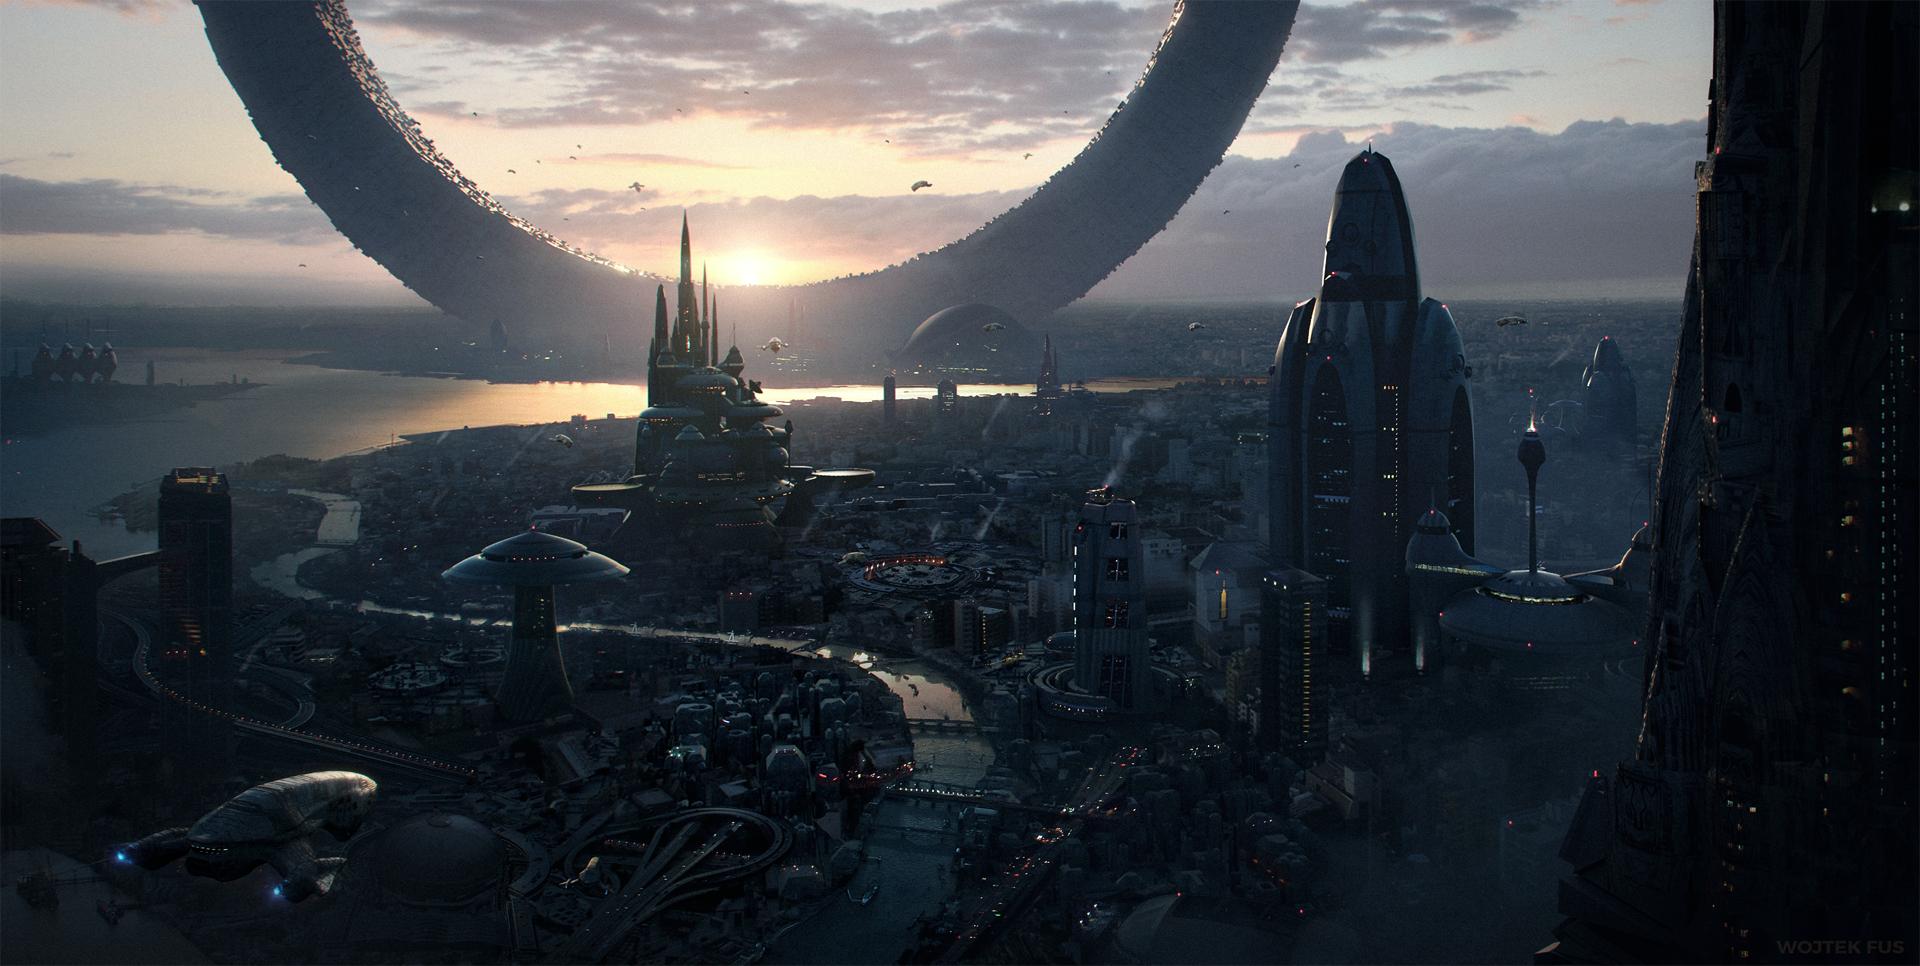 Cityscape by WojciechFus